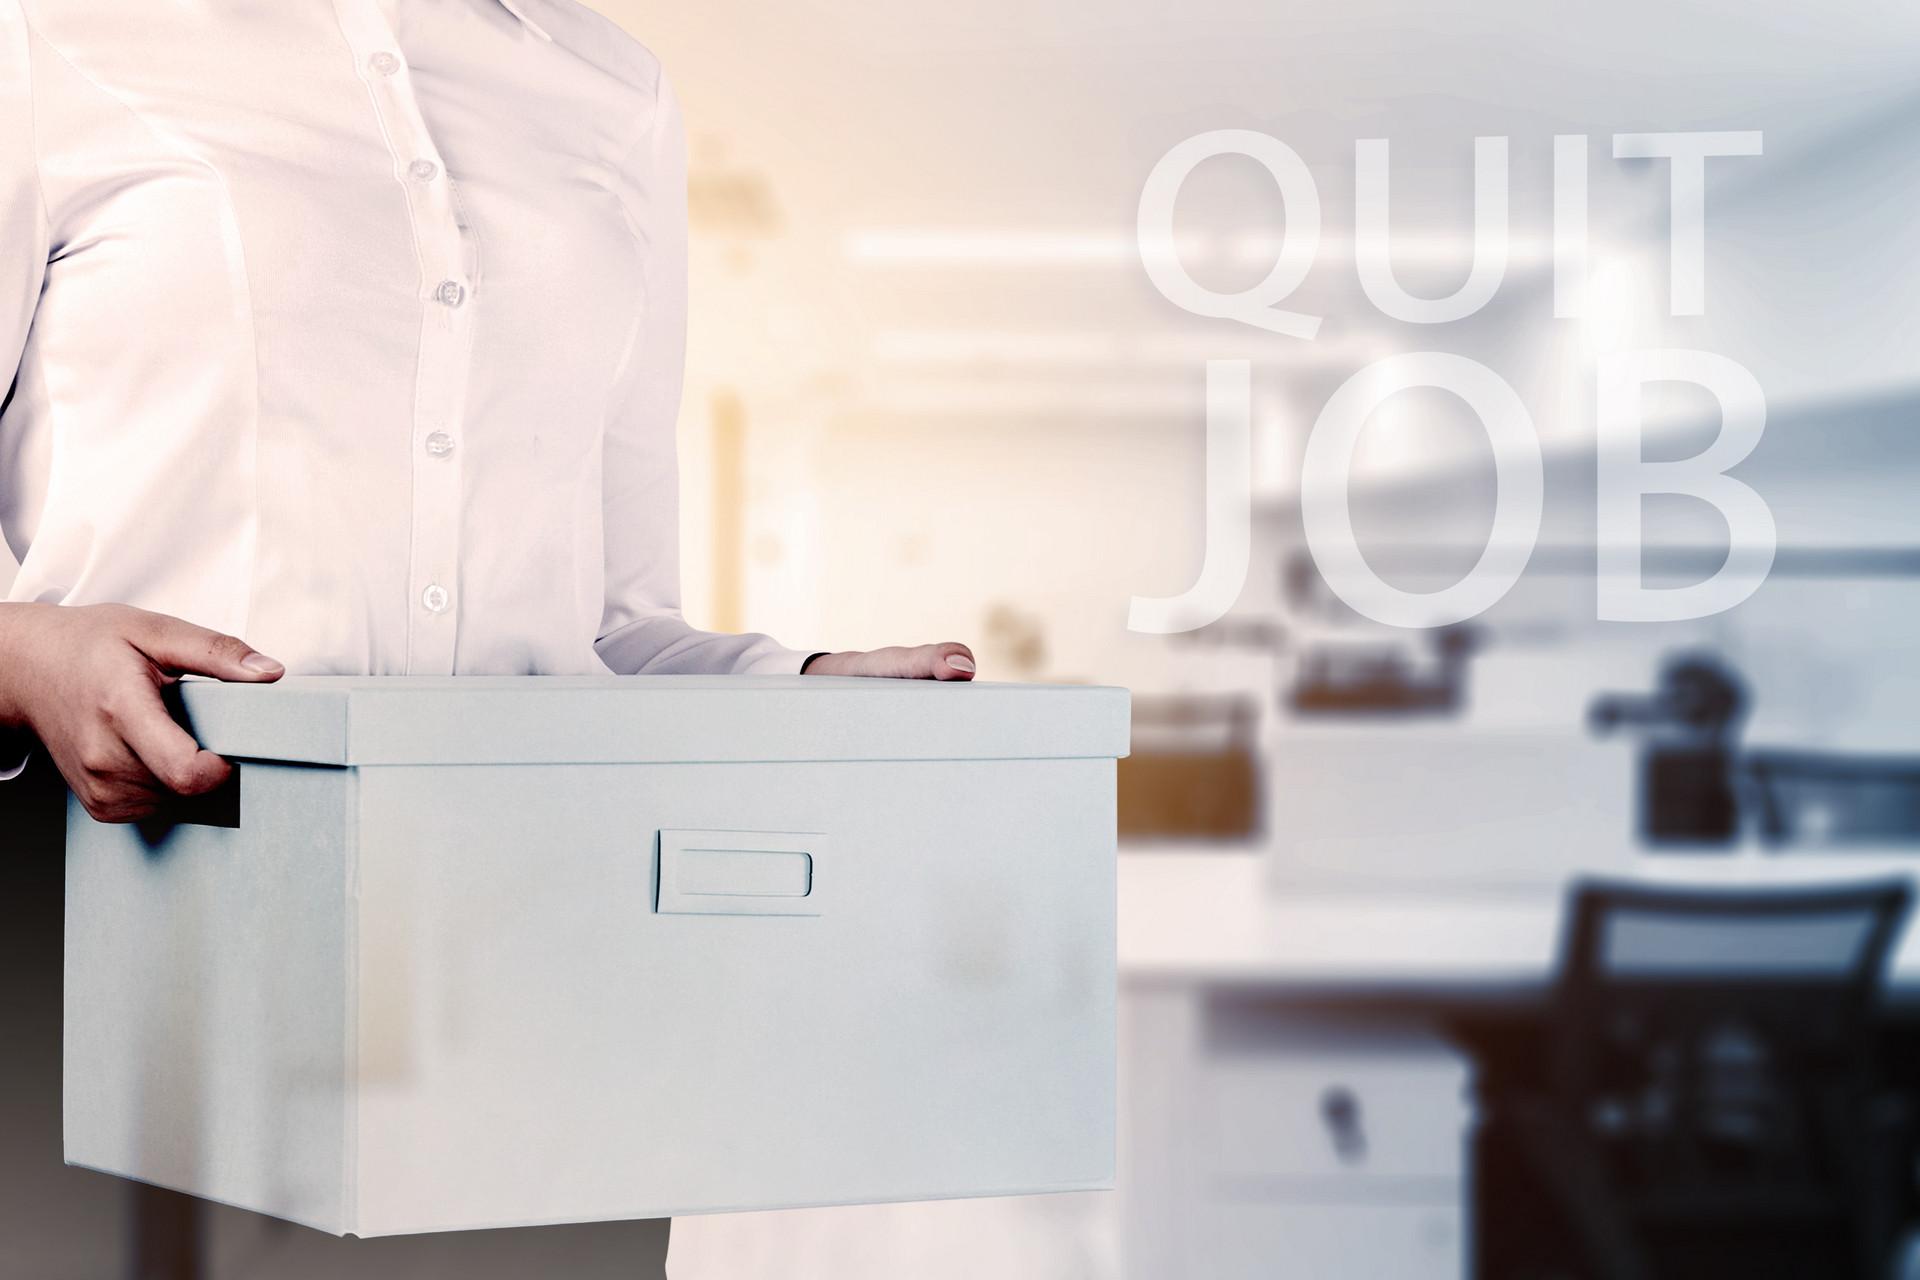 员工辞职的方式有哪些,员工怎么辞职合法?